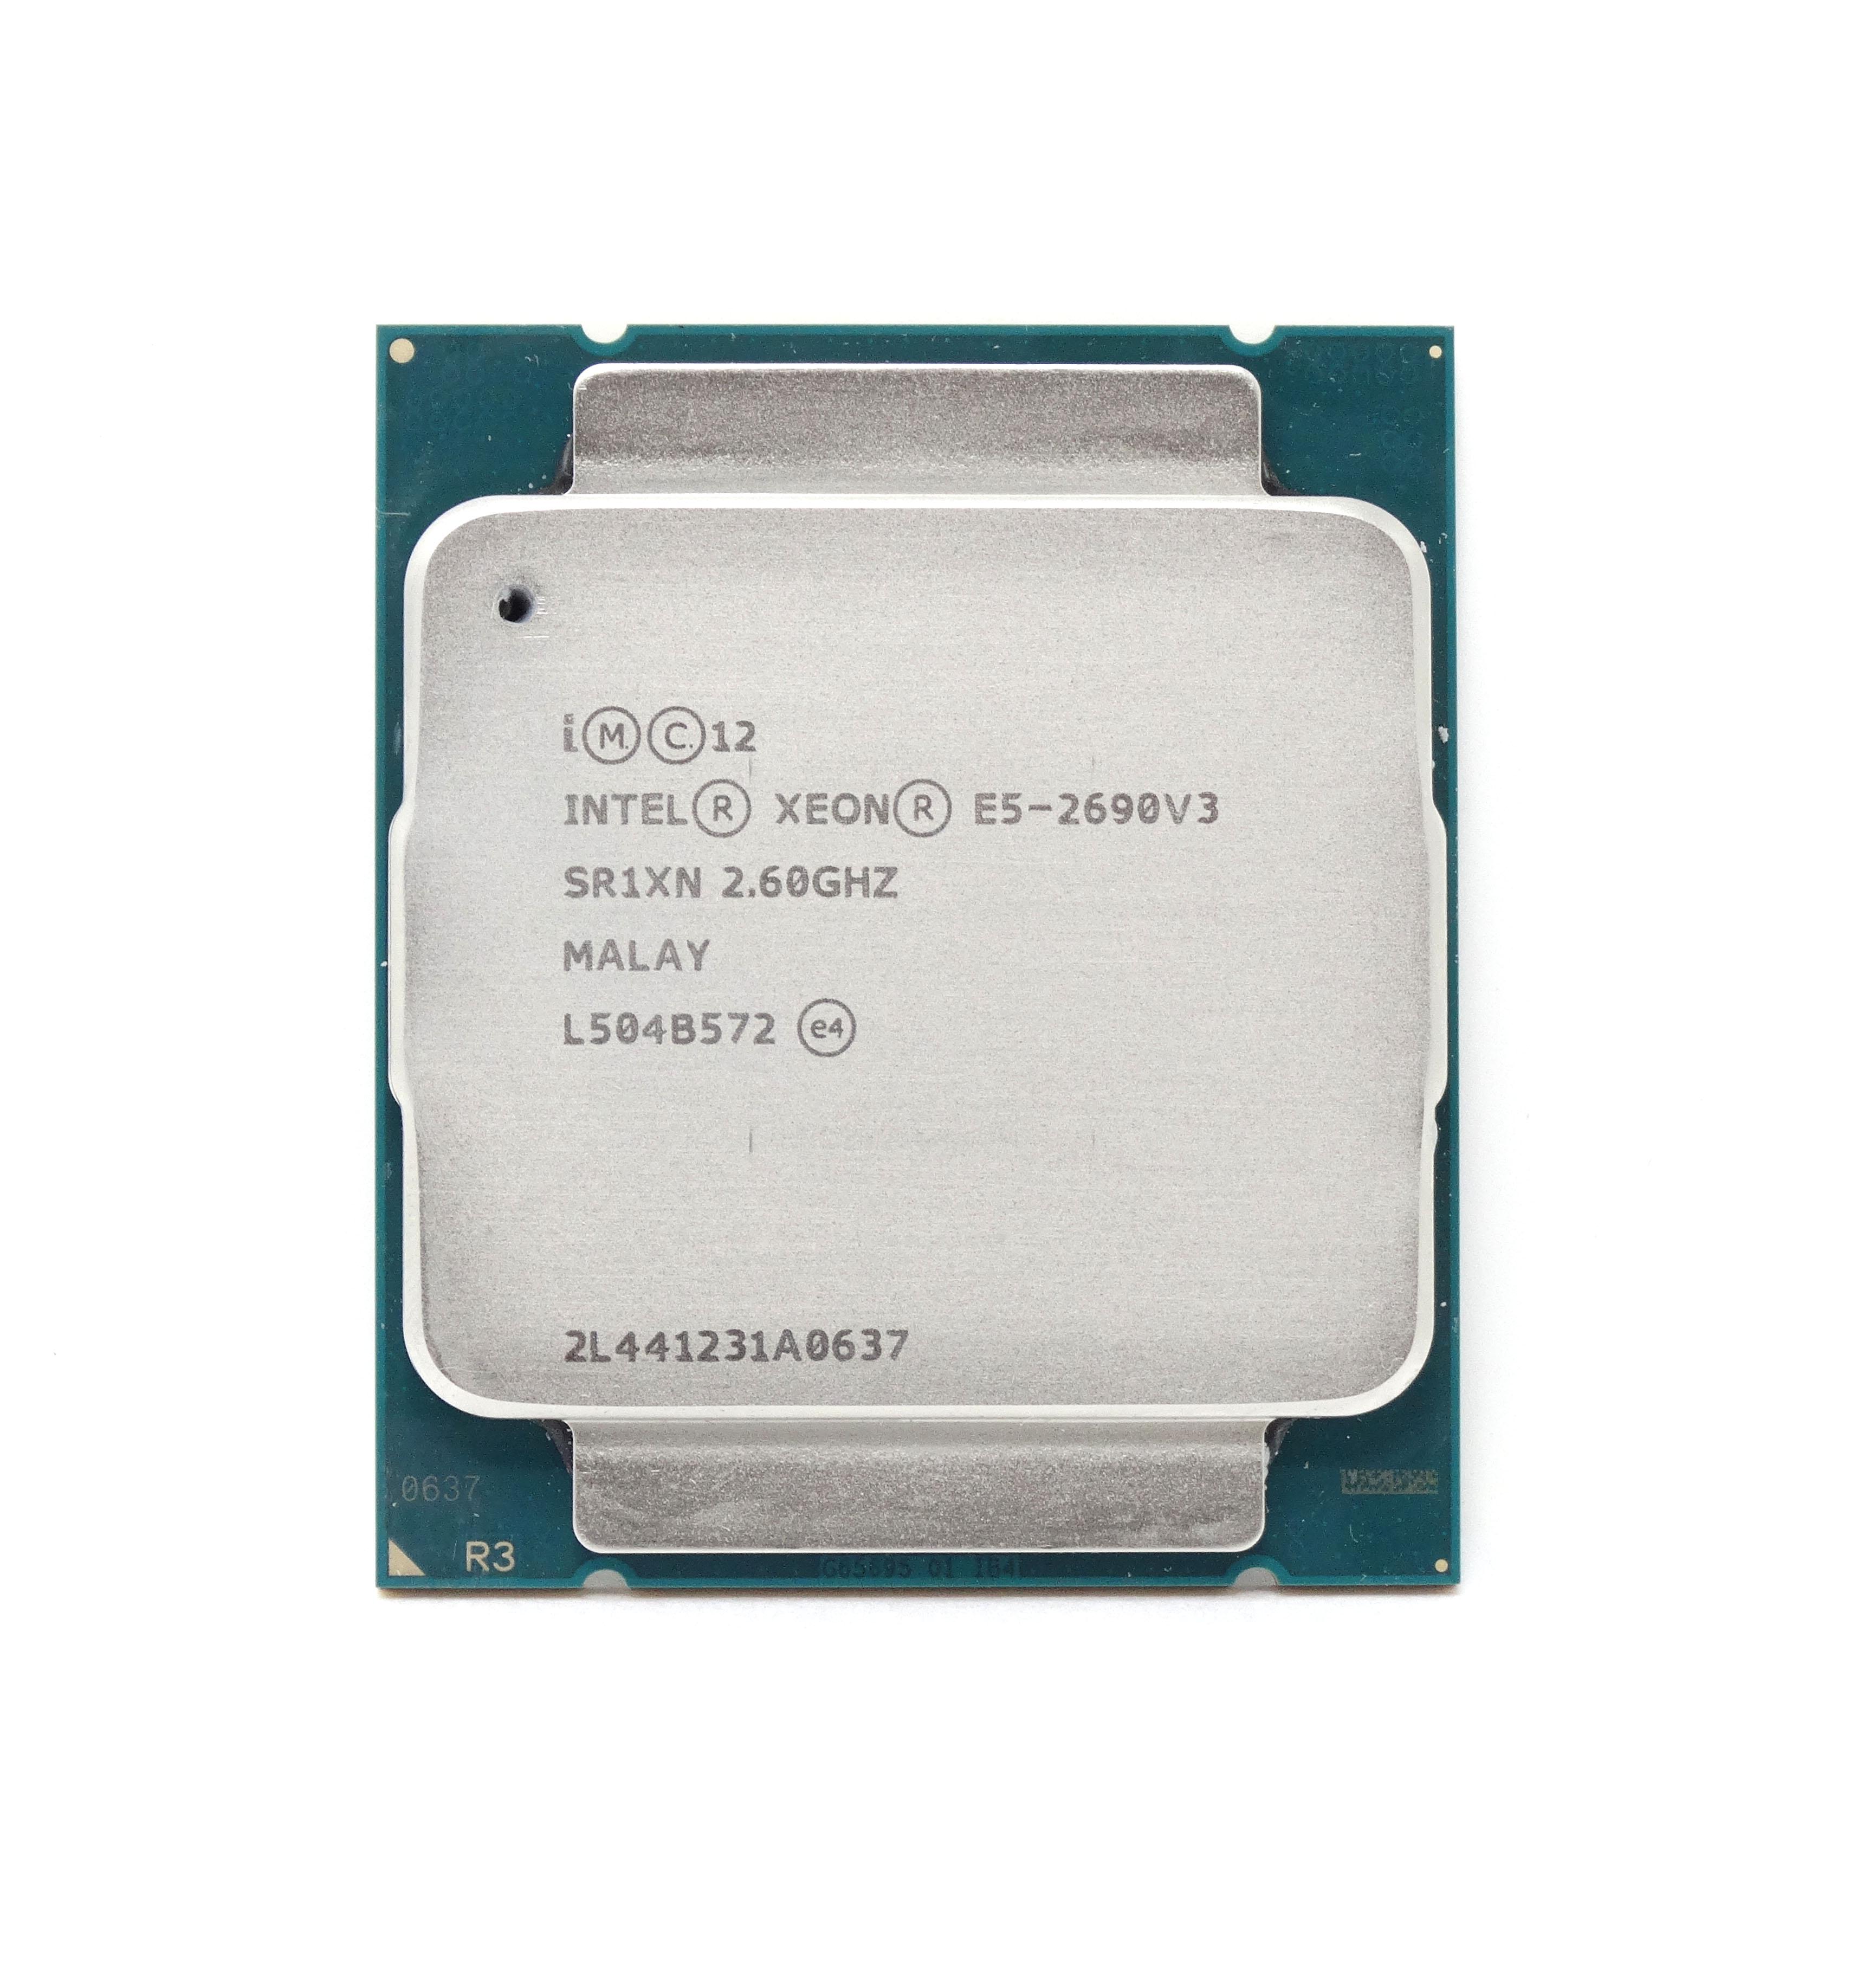 - CPU Only Intel Xeon E5-2690 v3 2.6GHz 12Core LGA-2011-v3 CPU Processor (00KA076 - CPU ONLY)